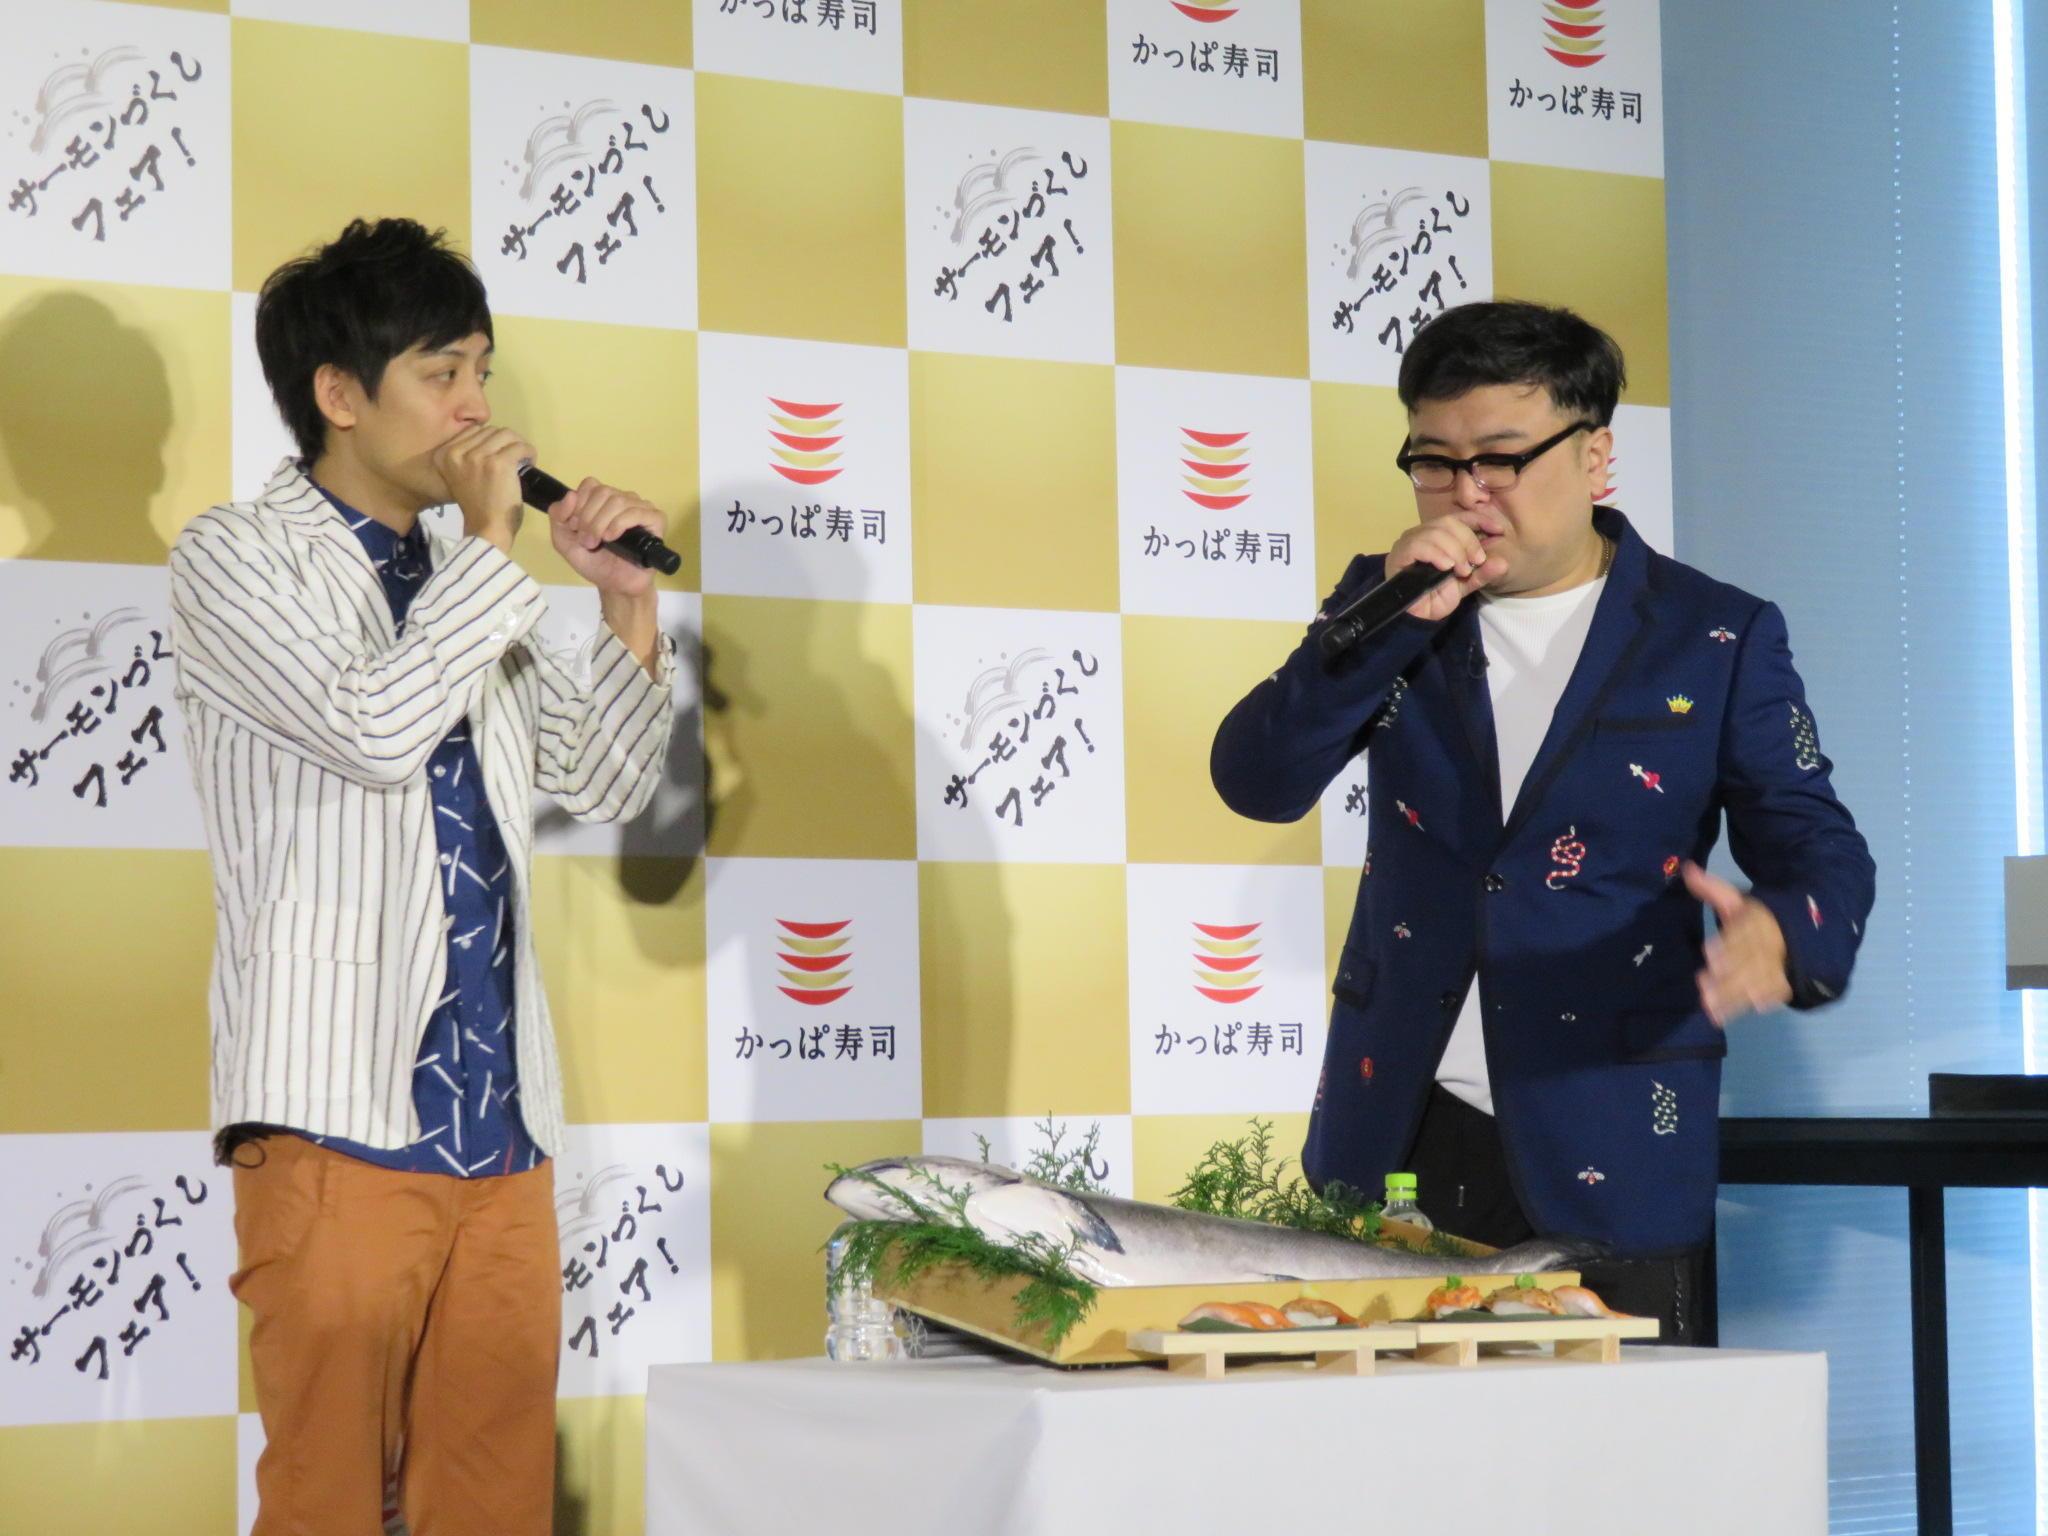 http://news.yoshimoto.co.jp/20180110175524-136f779a1fbe905e9c837e42a094df70702adda7.jpg